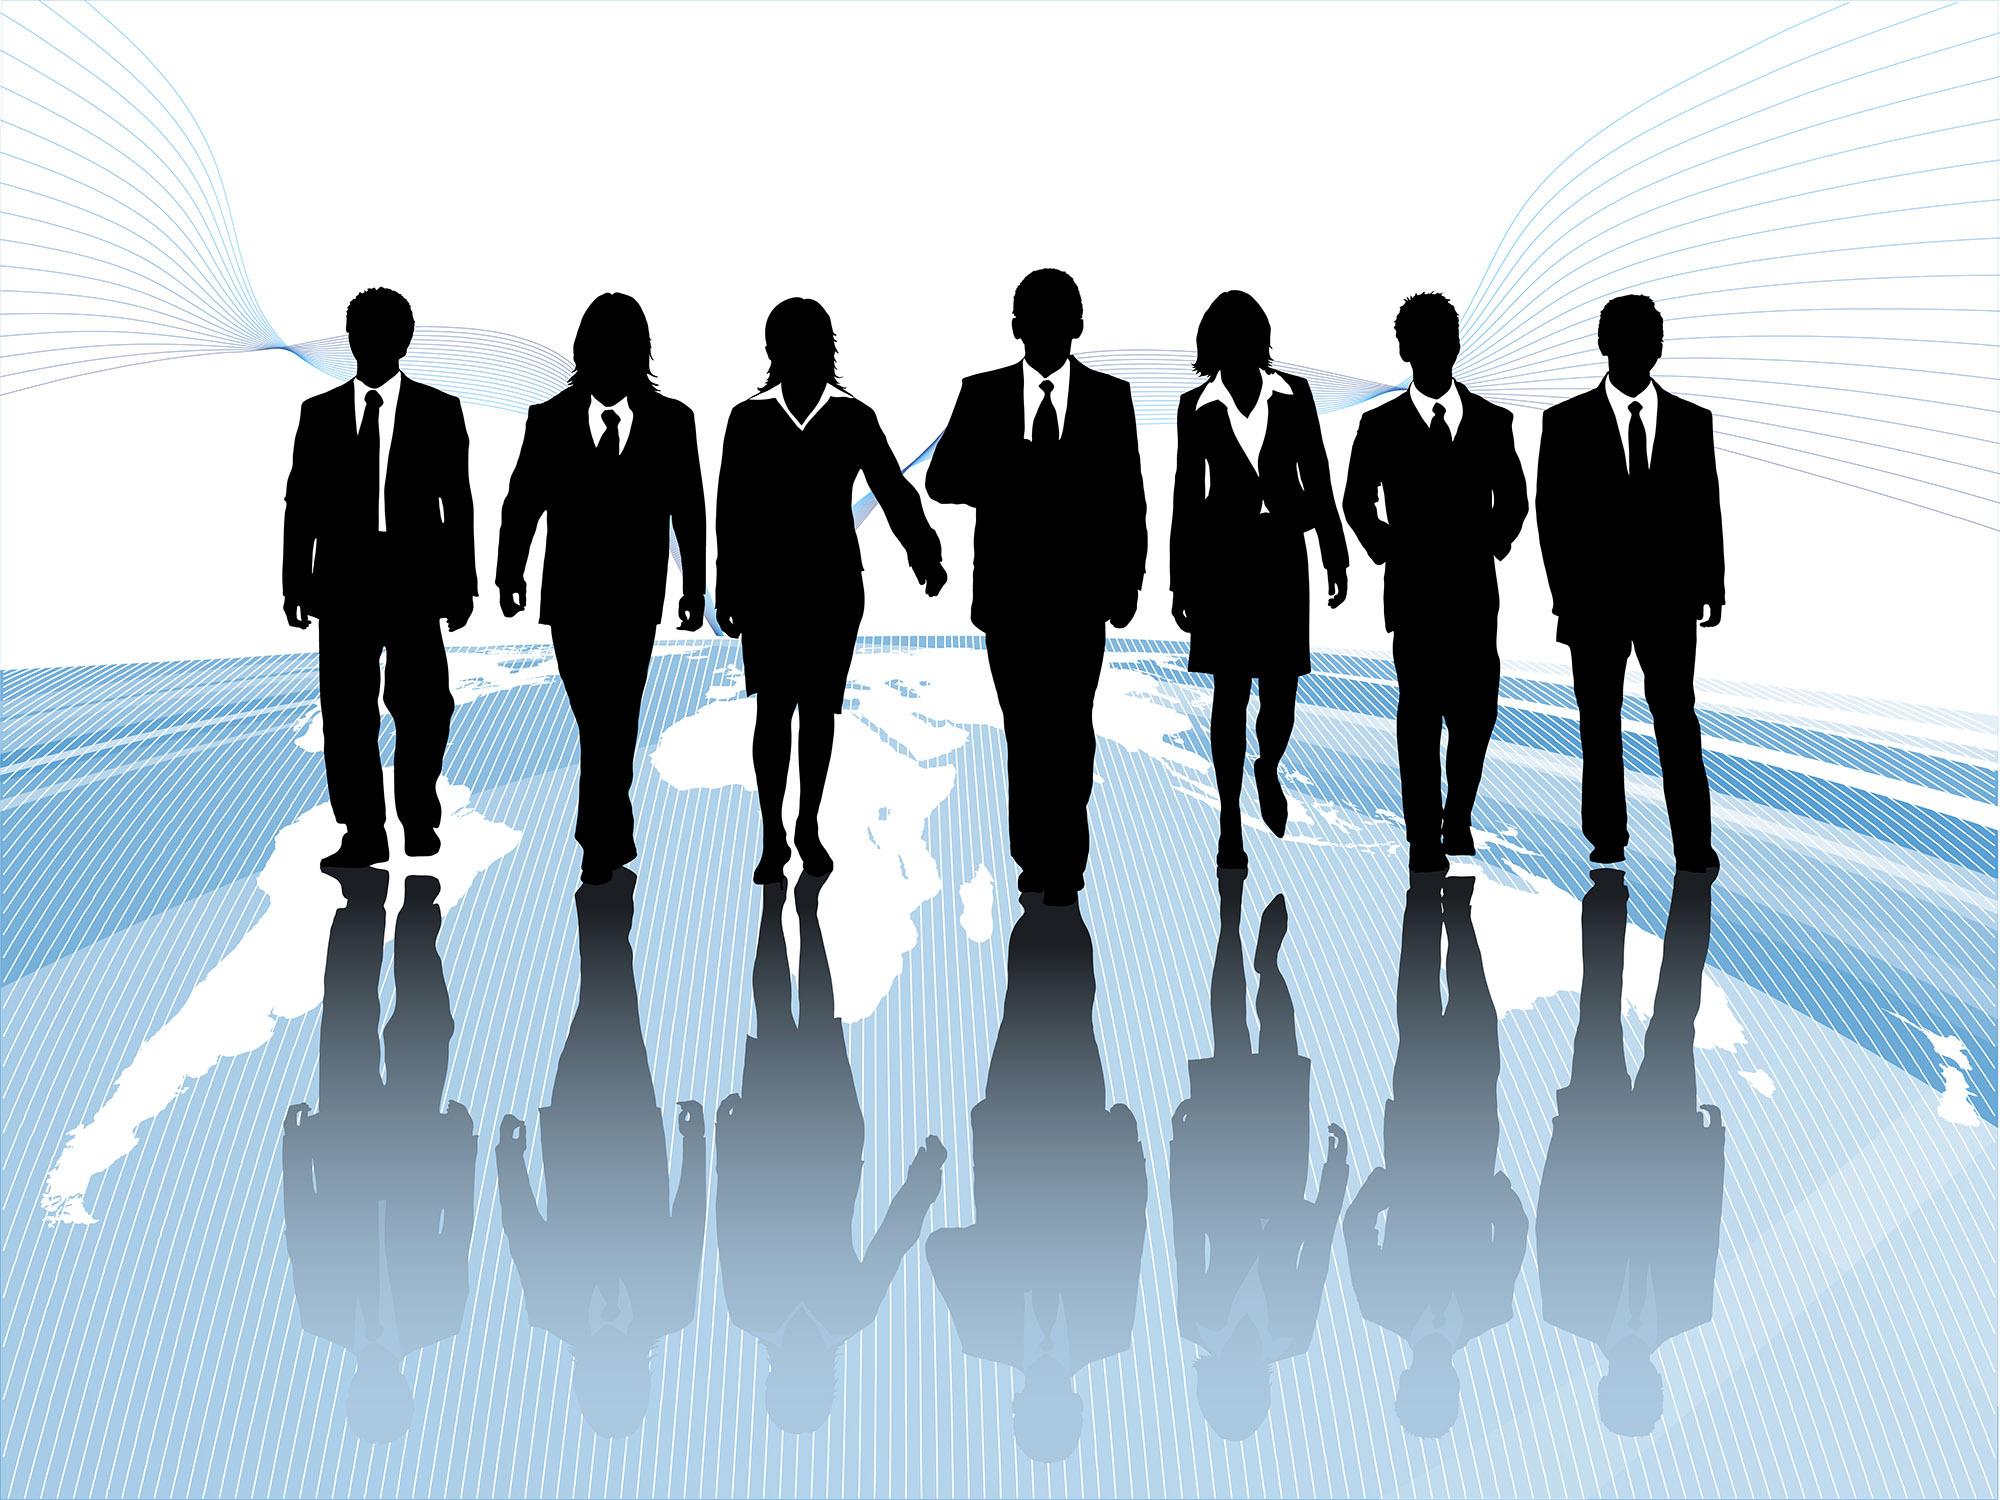 İşletme Nedir ? İşletme Özellikleri Nelerdir ?